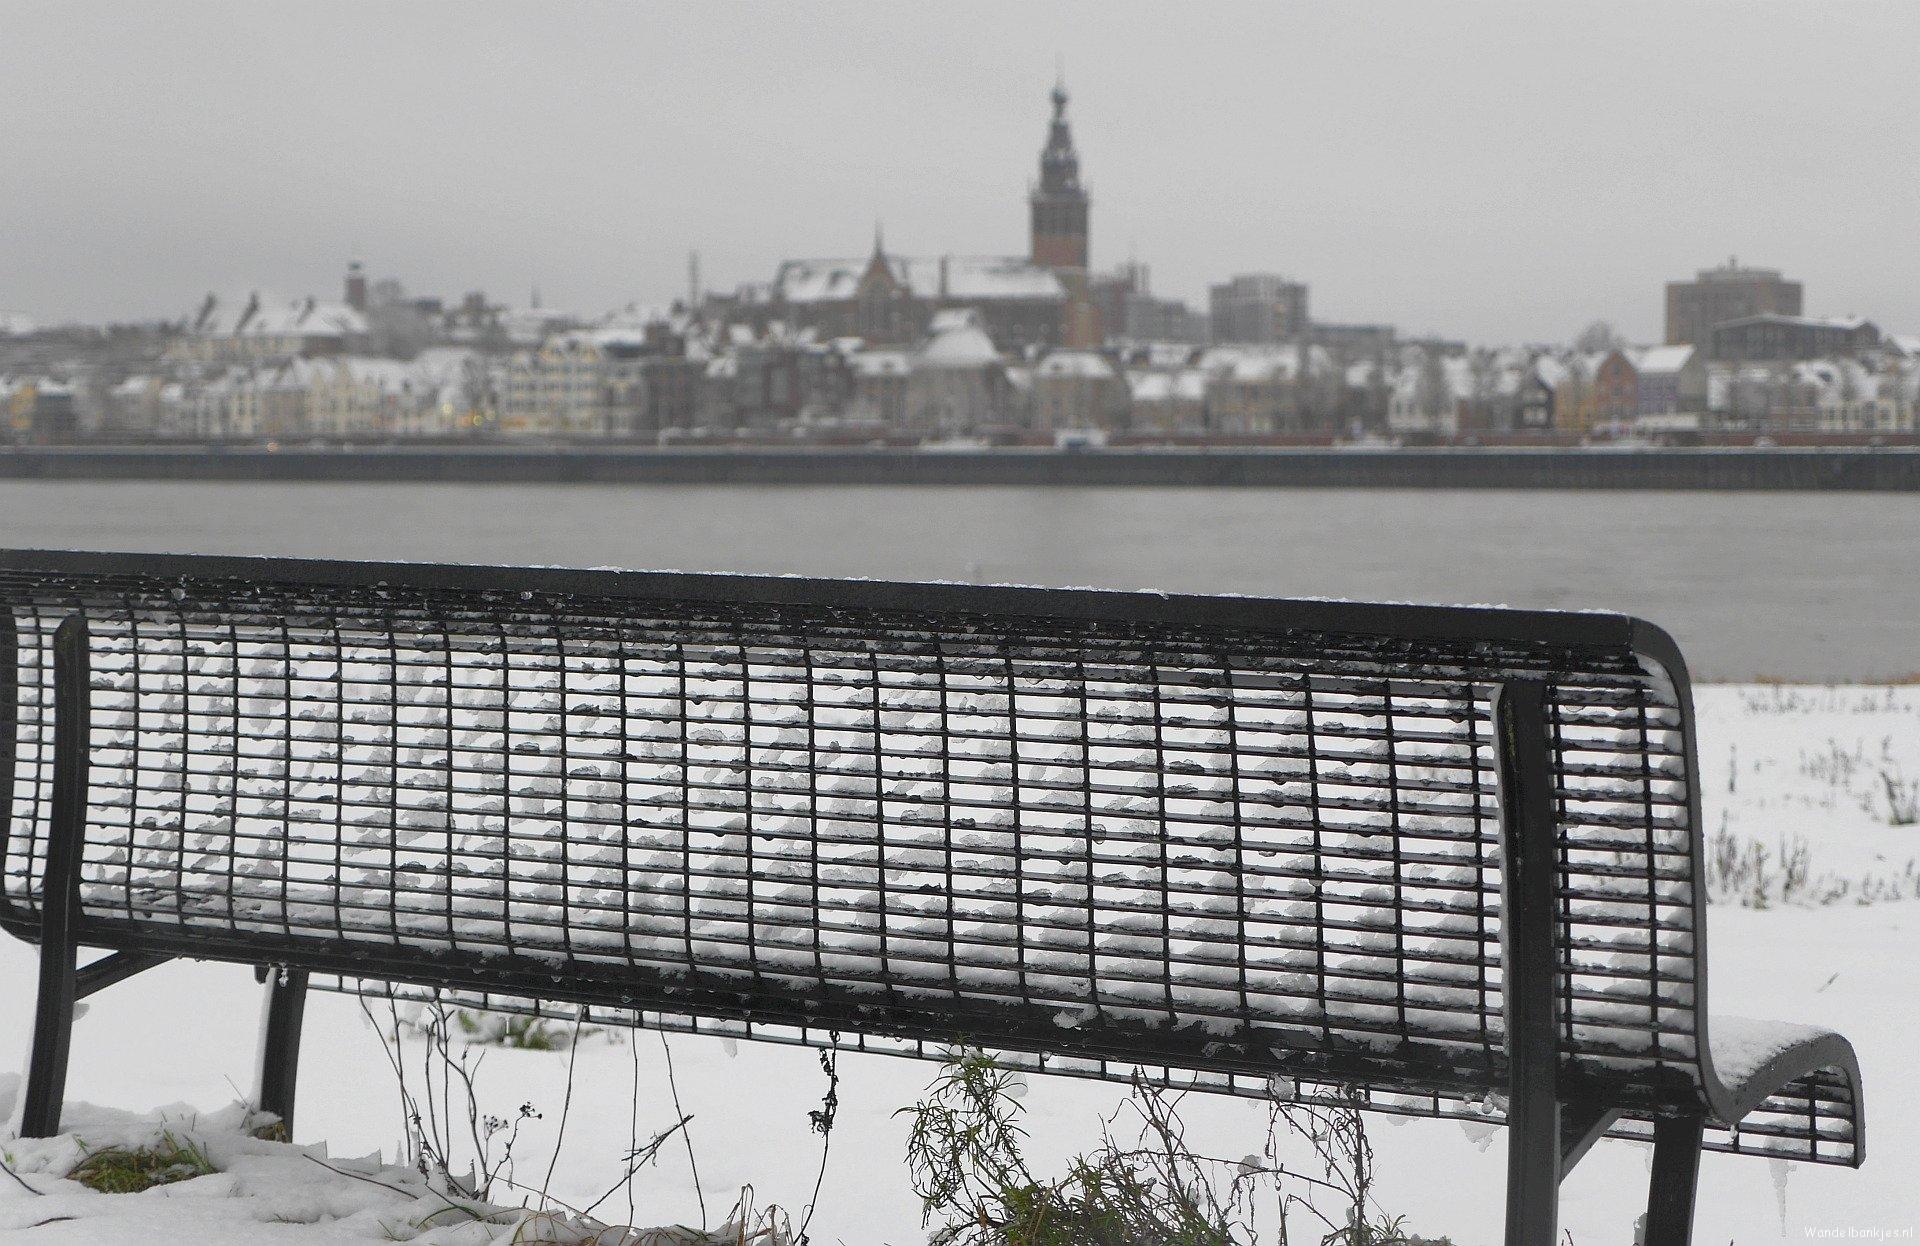 rt-arthurskm-nog-meer-voor-wandelbankjes-op-de-achtergrond-de-skyline-van-nijmegen-https-t-co-pw9ykfikms